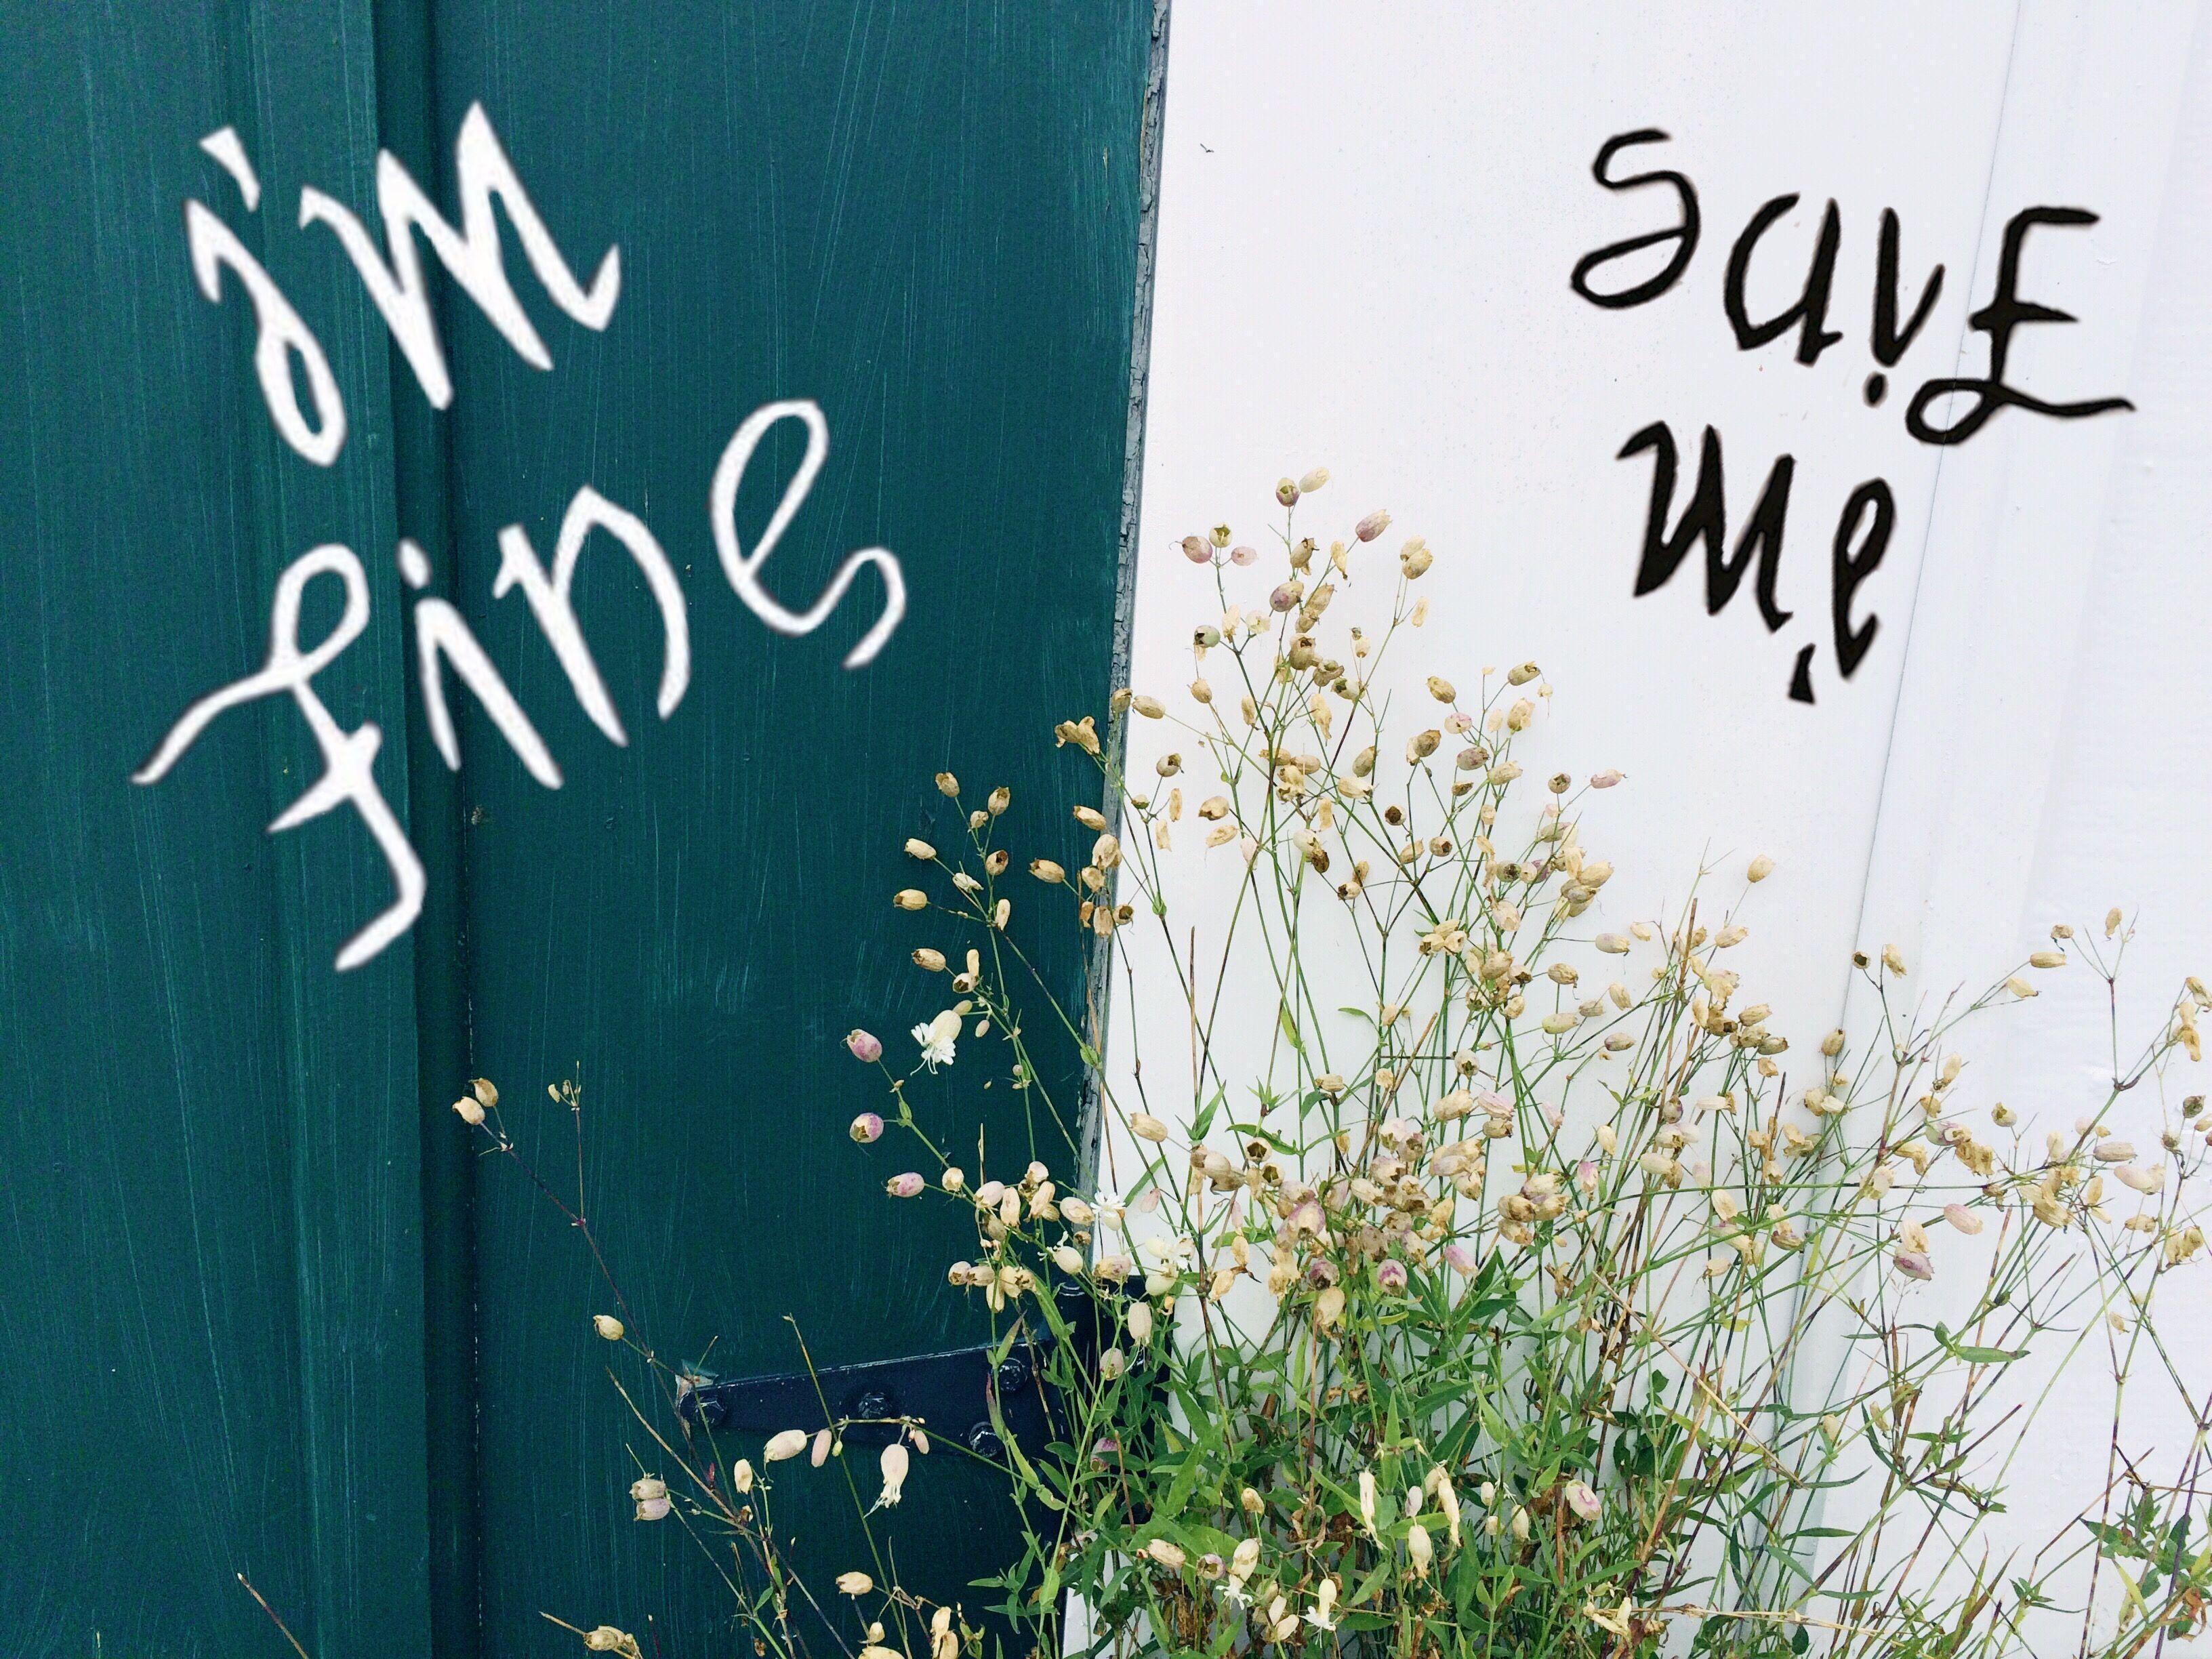 Bts wallpaper im fine save me